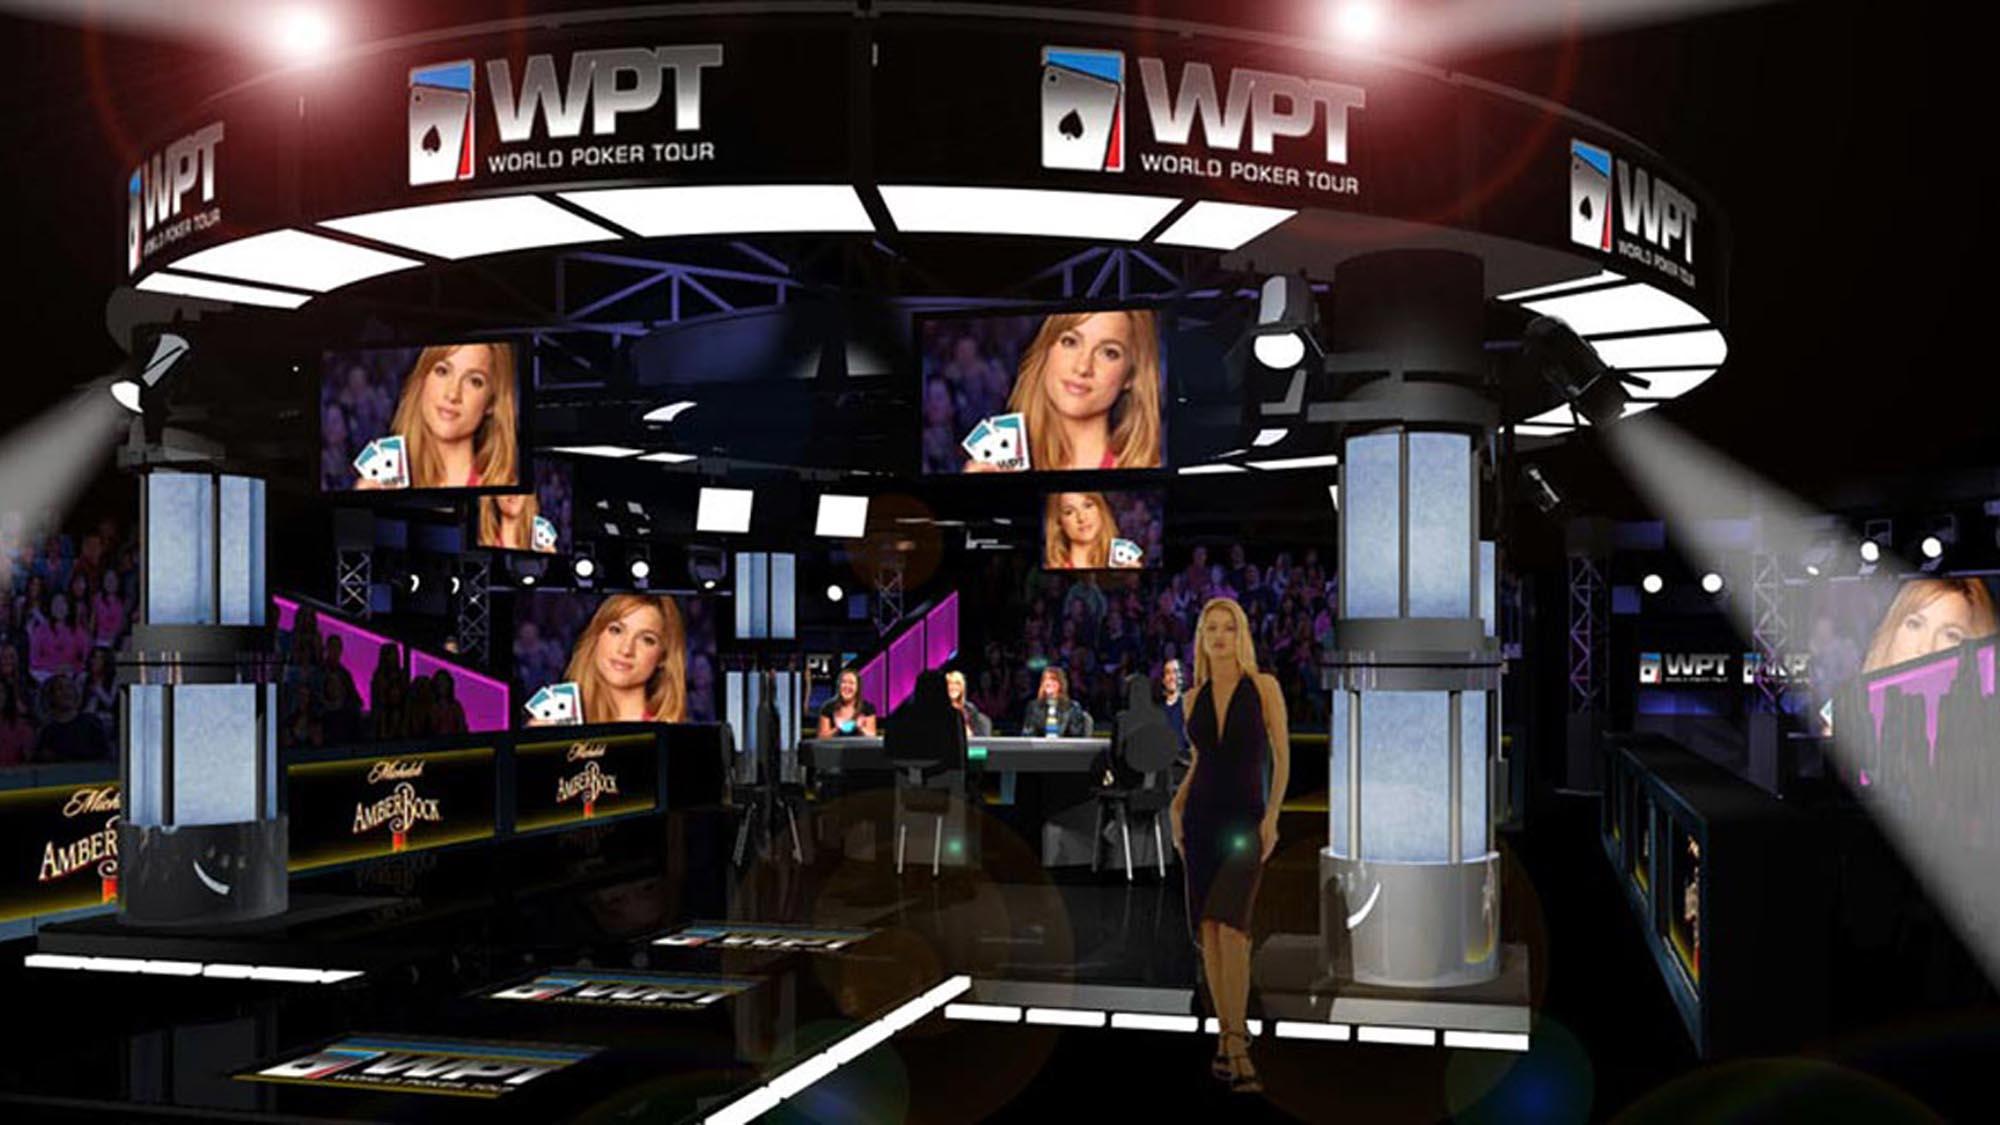 WPT-03-smsized